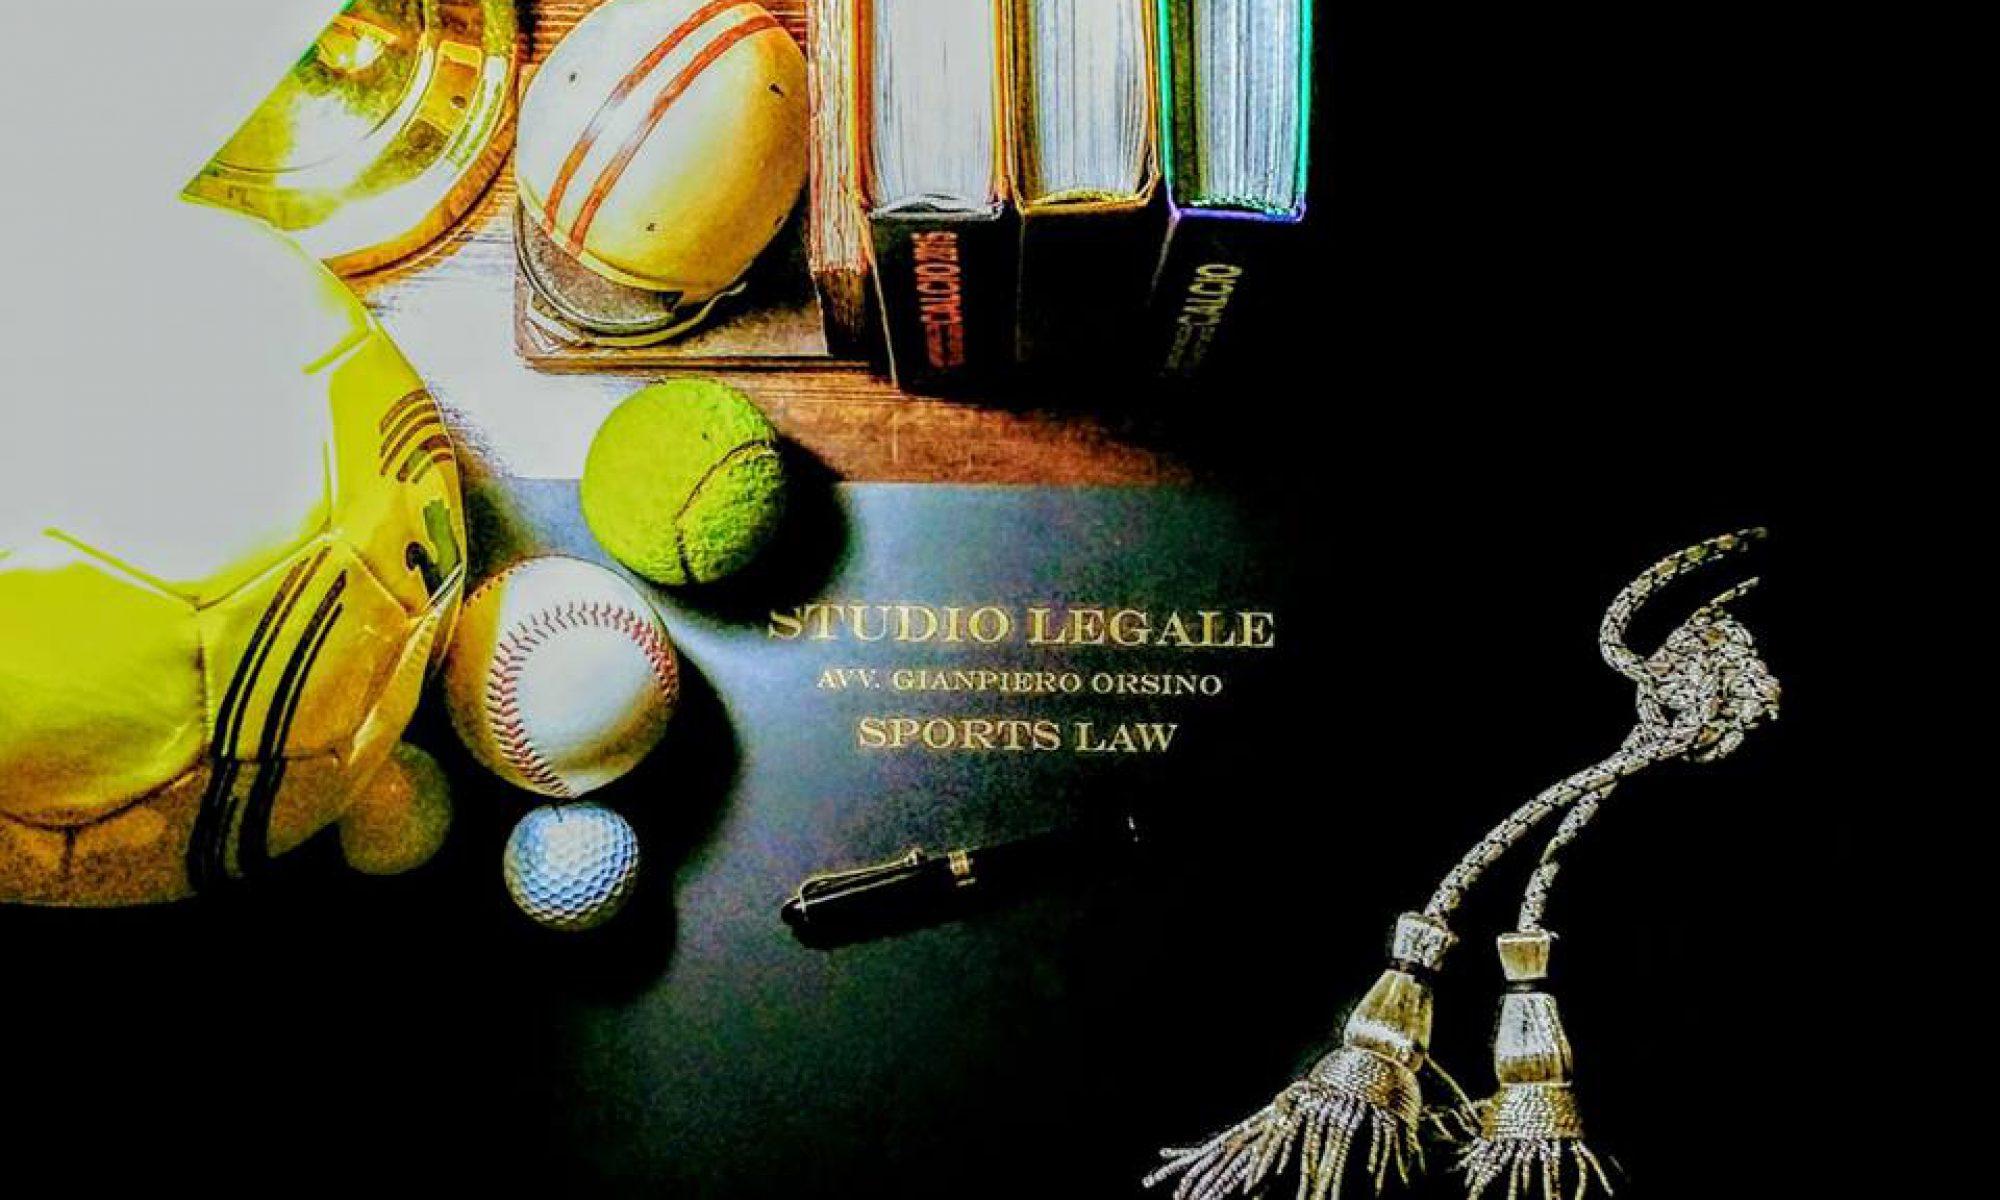 Studio Legale Orsino